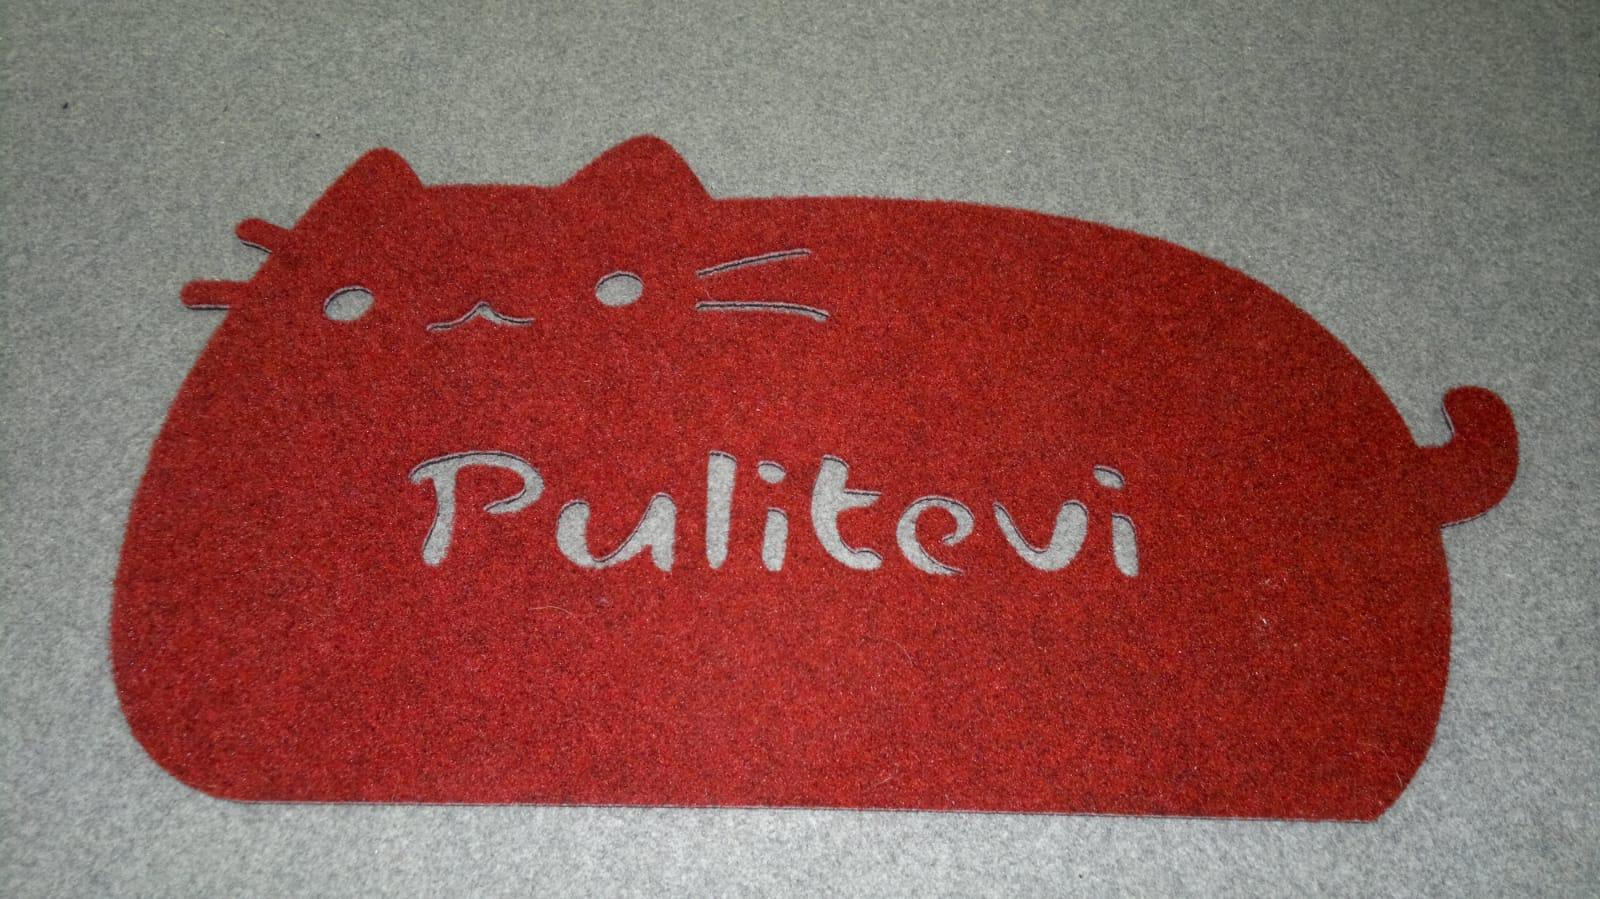 Tappeti incavati personalizzati realizzati in italia